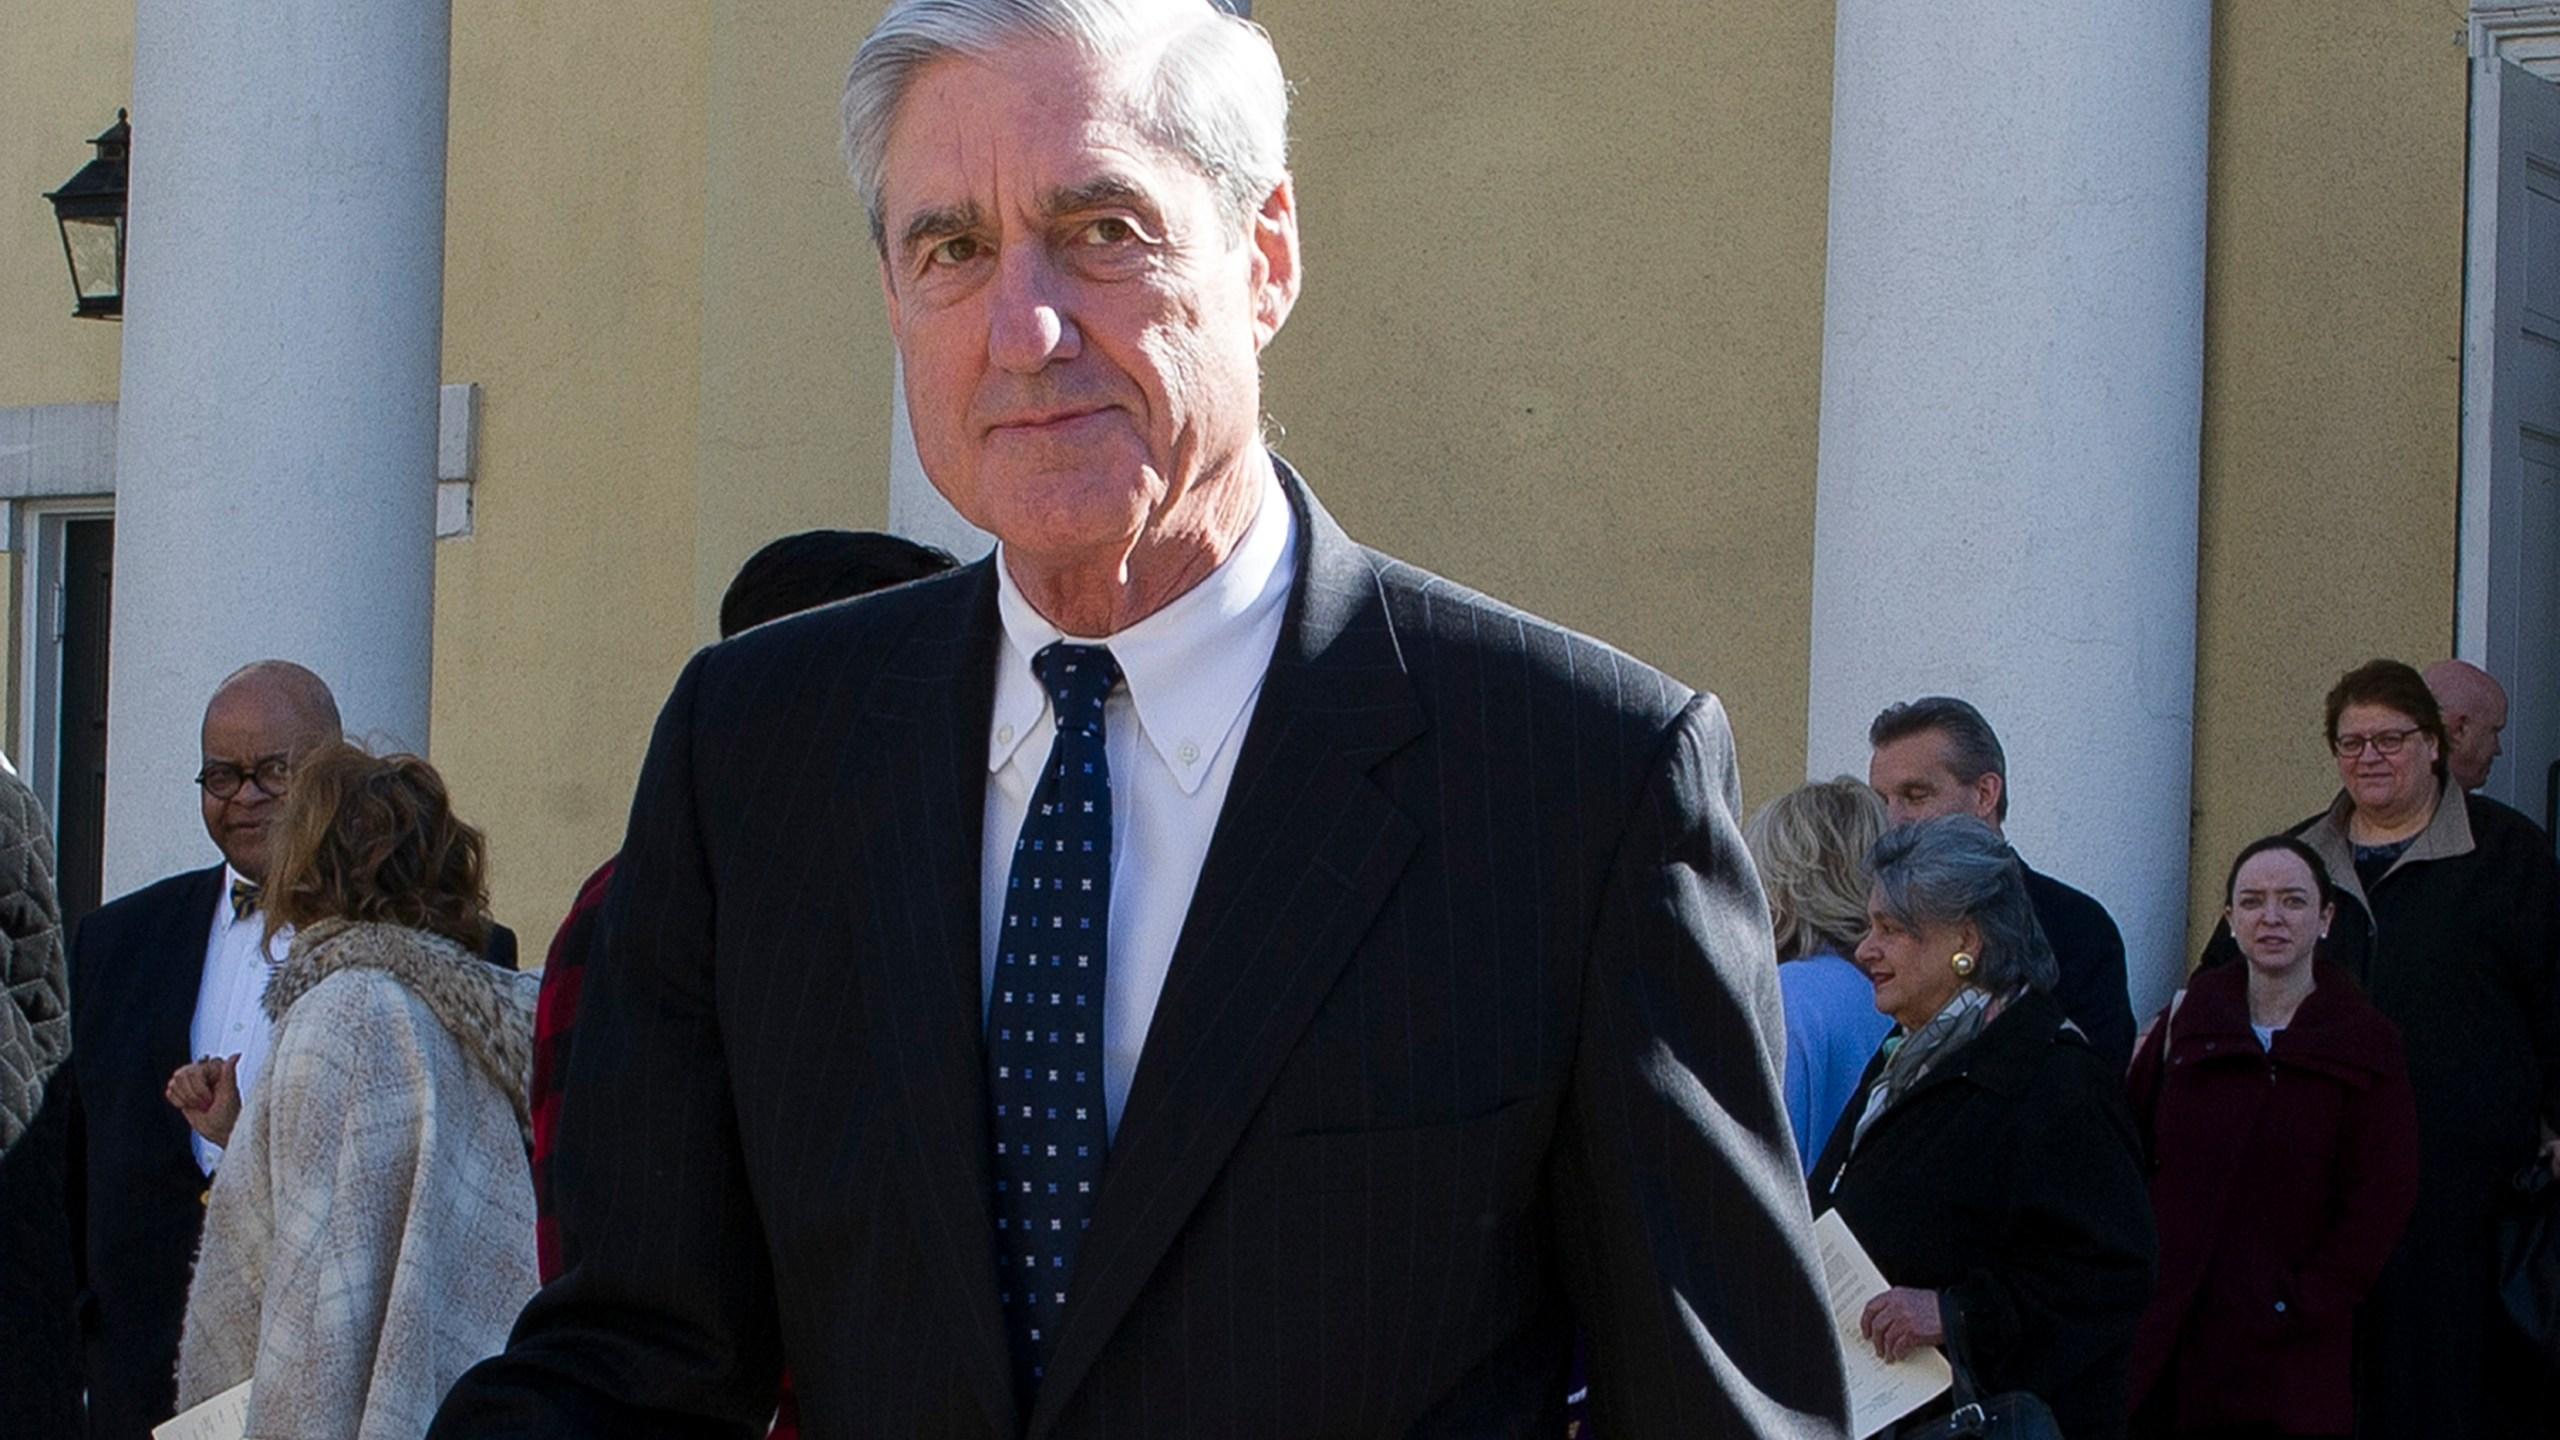 Mueller_The_Evidence_28016-159532.jpg69173468